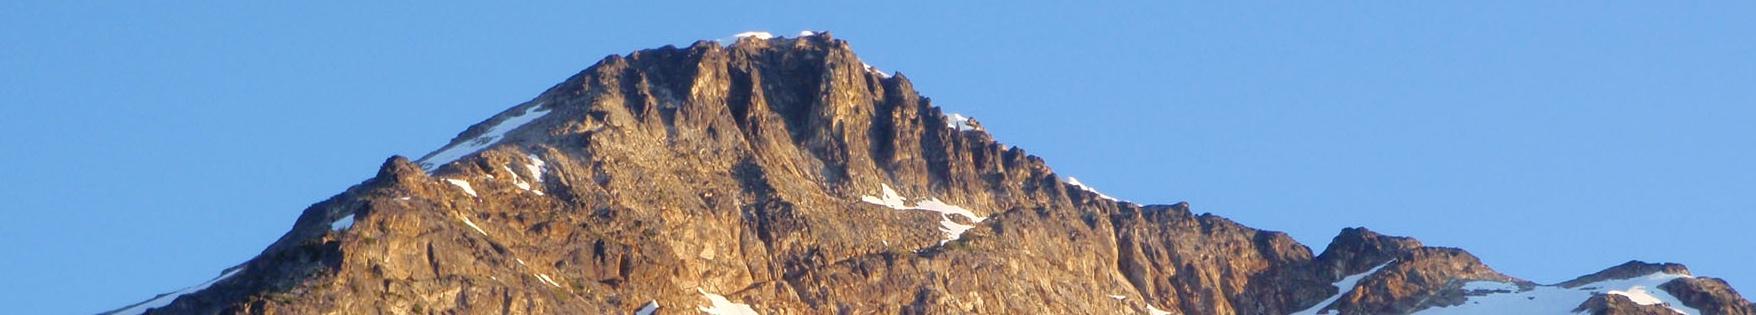 Chiwawa Mountain